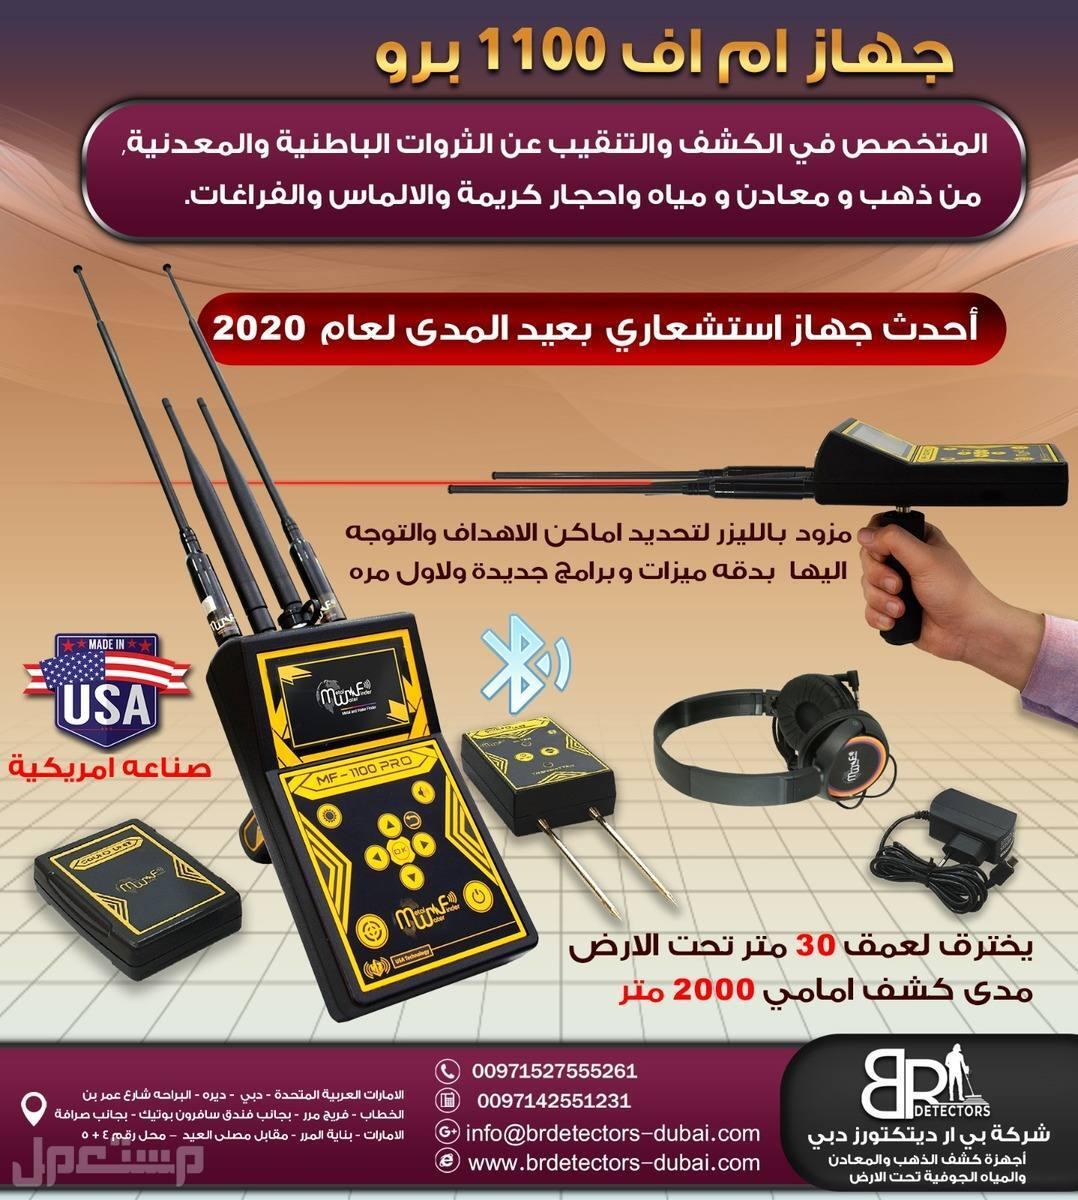 جهاز كشف الذهب الحديث 2020 - MF 1100 PRO جهاز كشف الذهب الحديث 2020 - MF 1100 PRO